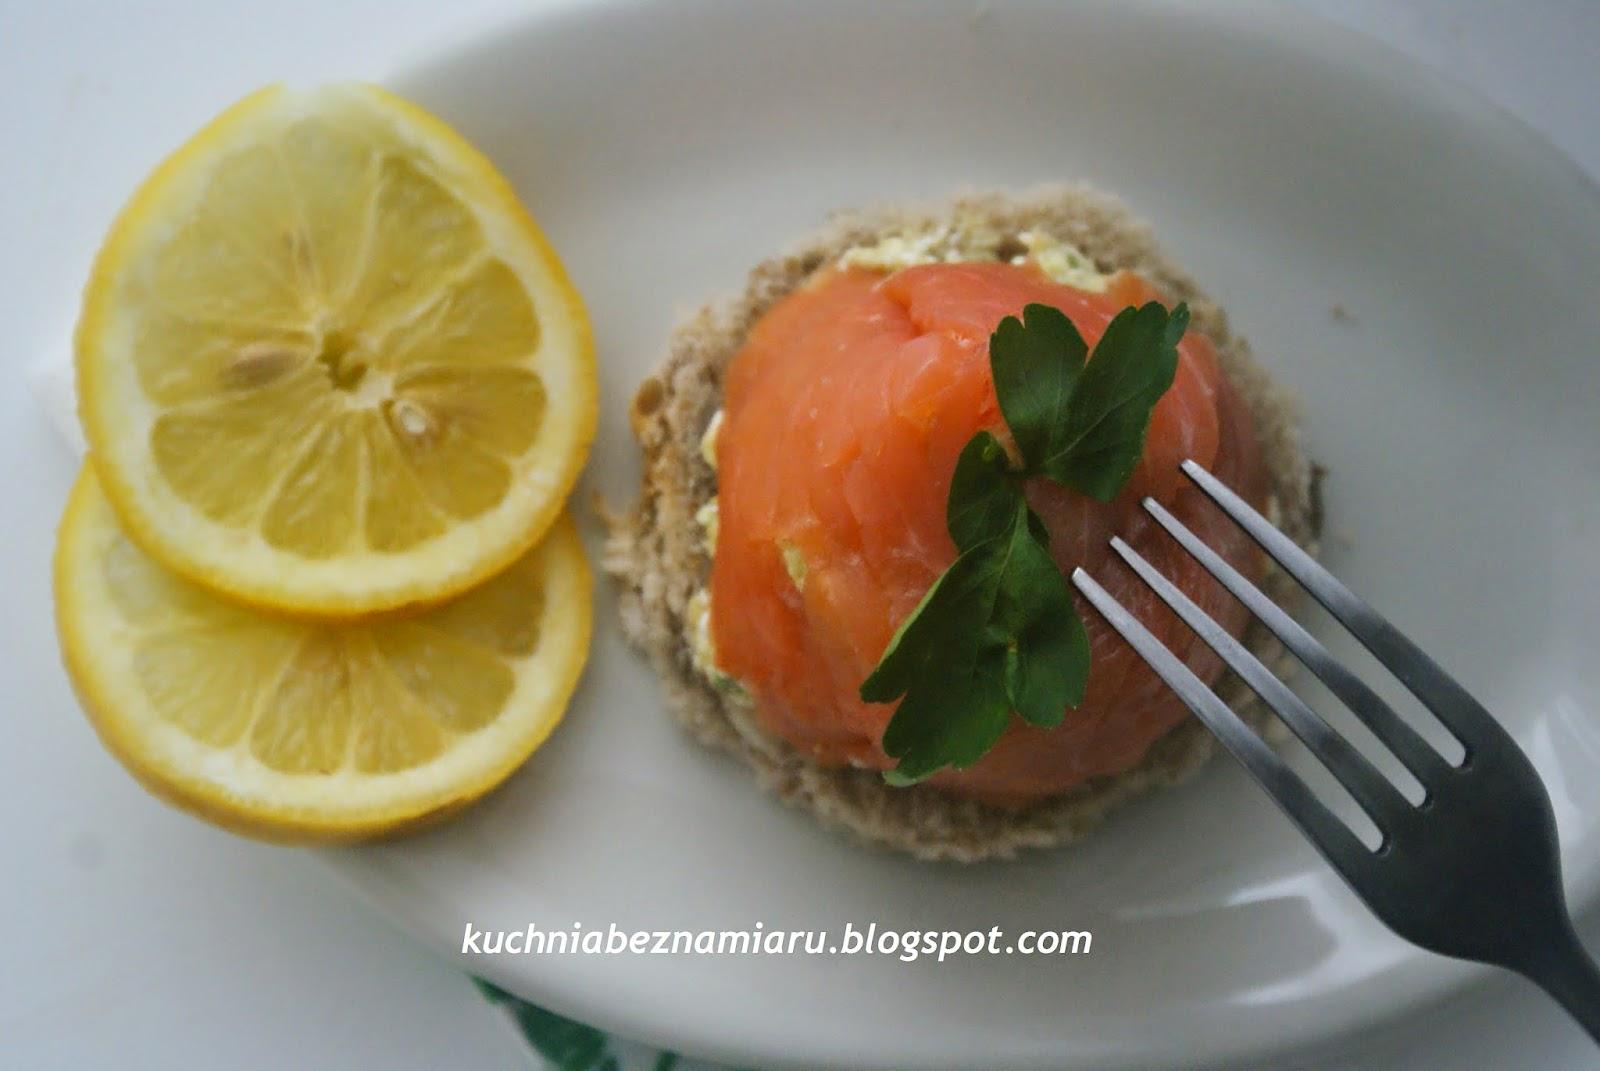 http://kuchniabeznamiaru.blogspot.com/2015/02/jak-zdrowo-wykorzystac-twarog-i-avocado.html